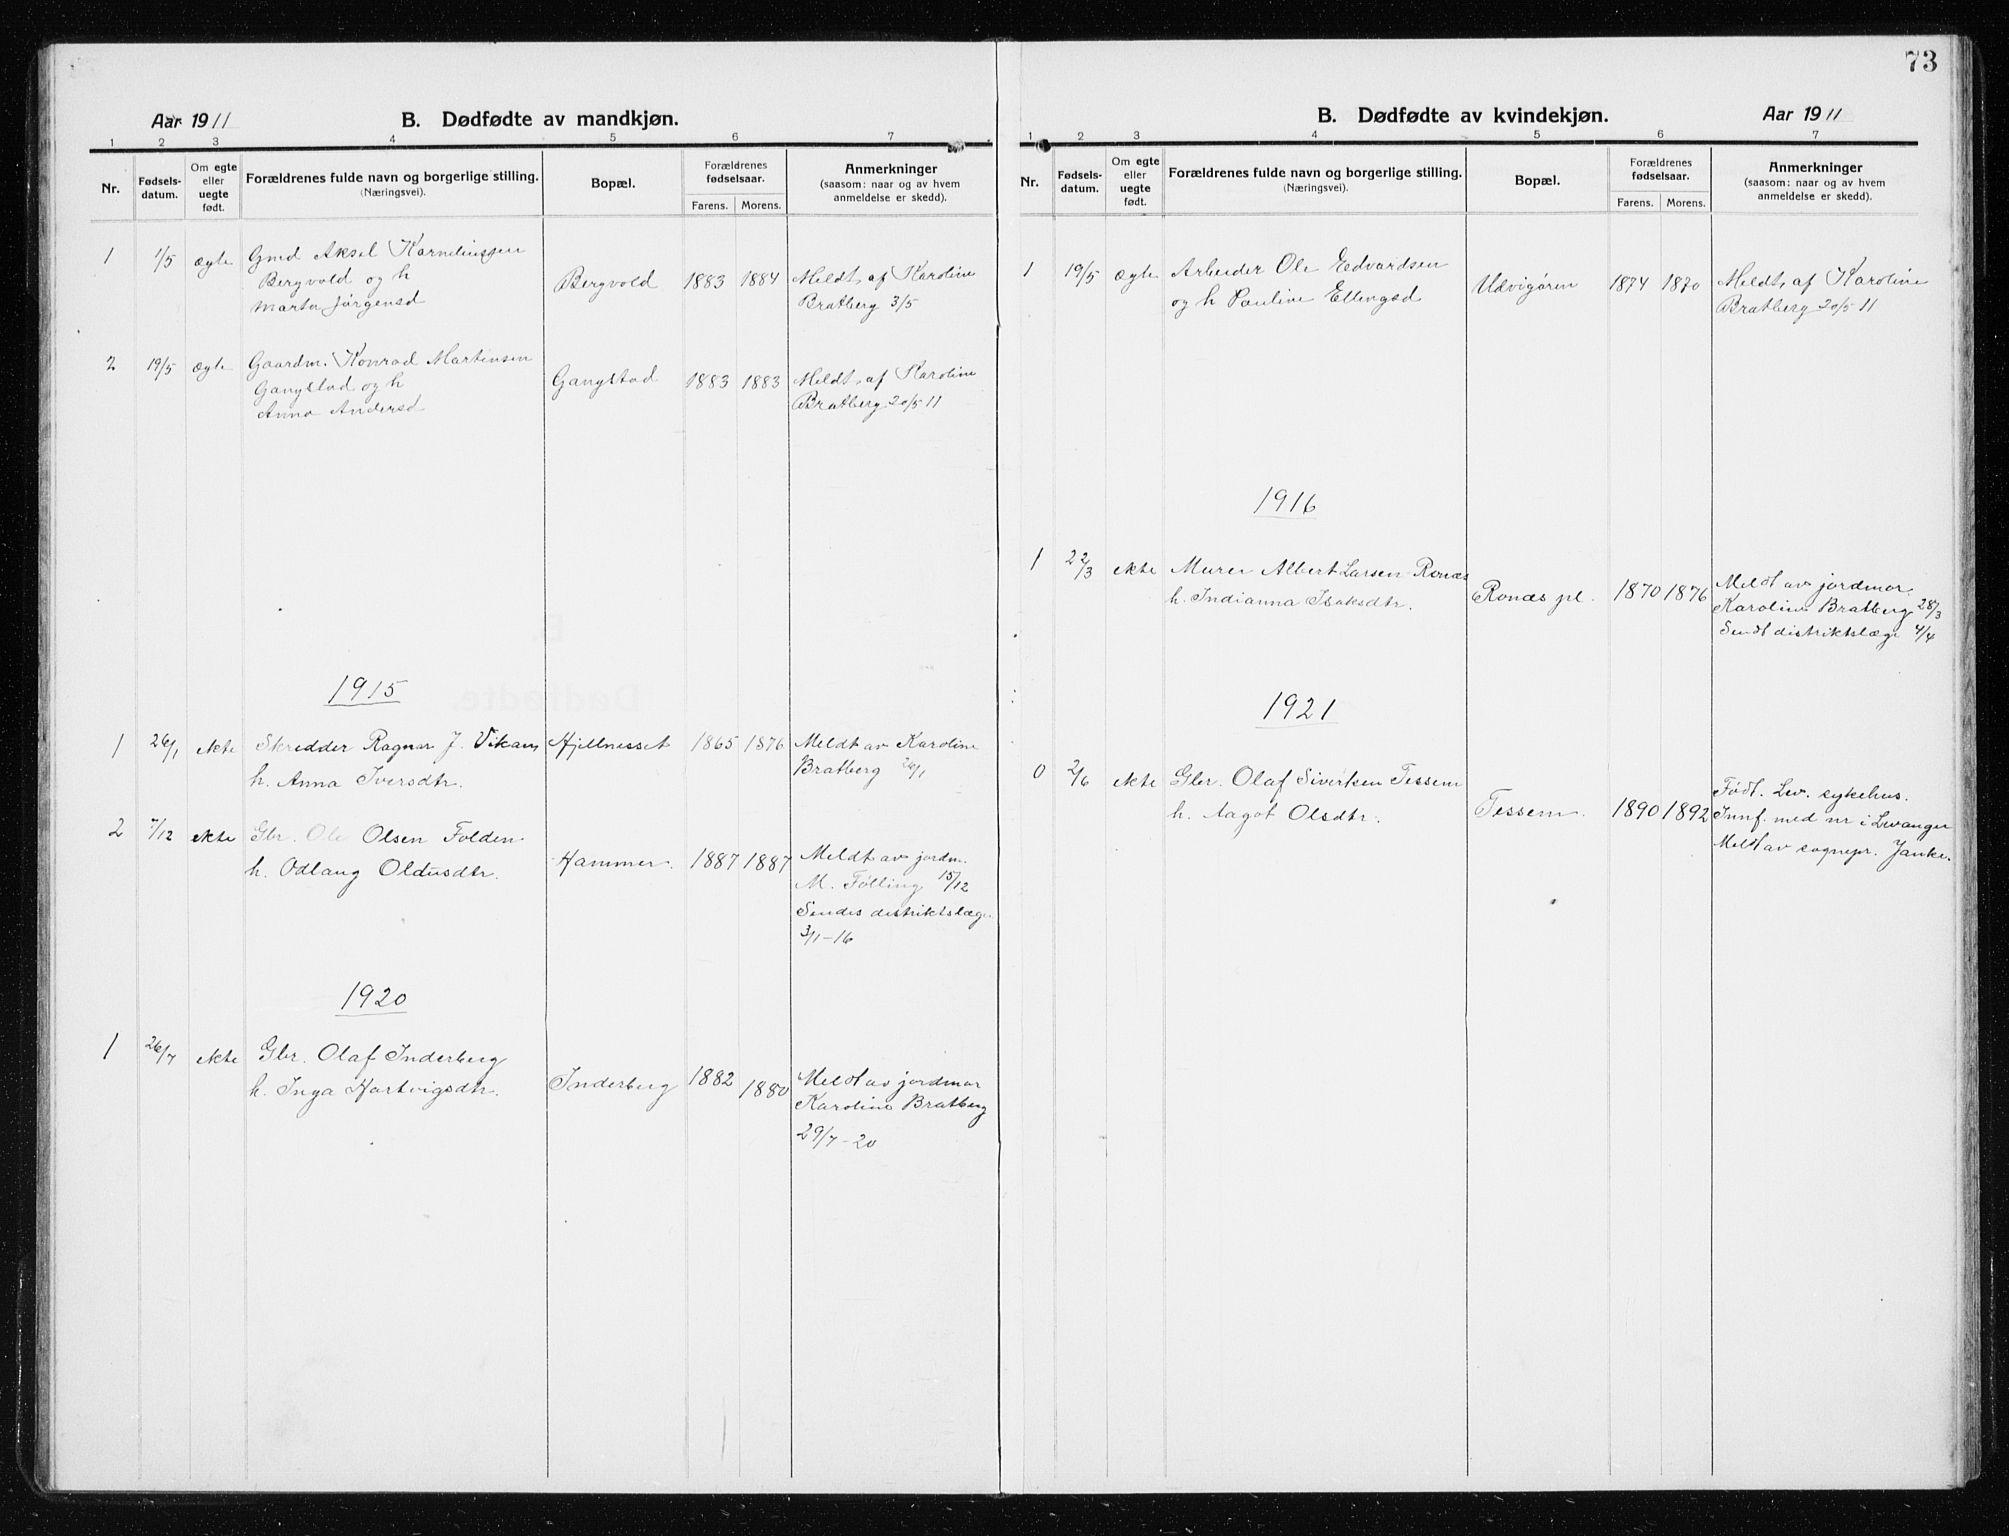 SAT, Ministerialprotokoller, klokkerbøker og fødselsregistre - Nord-Trøndelag, 741/L0402: Klokkerbok nr. 741C03, 1911-1926, s. 73